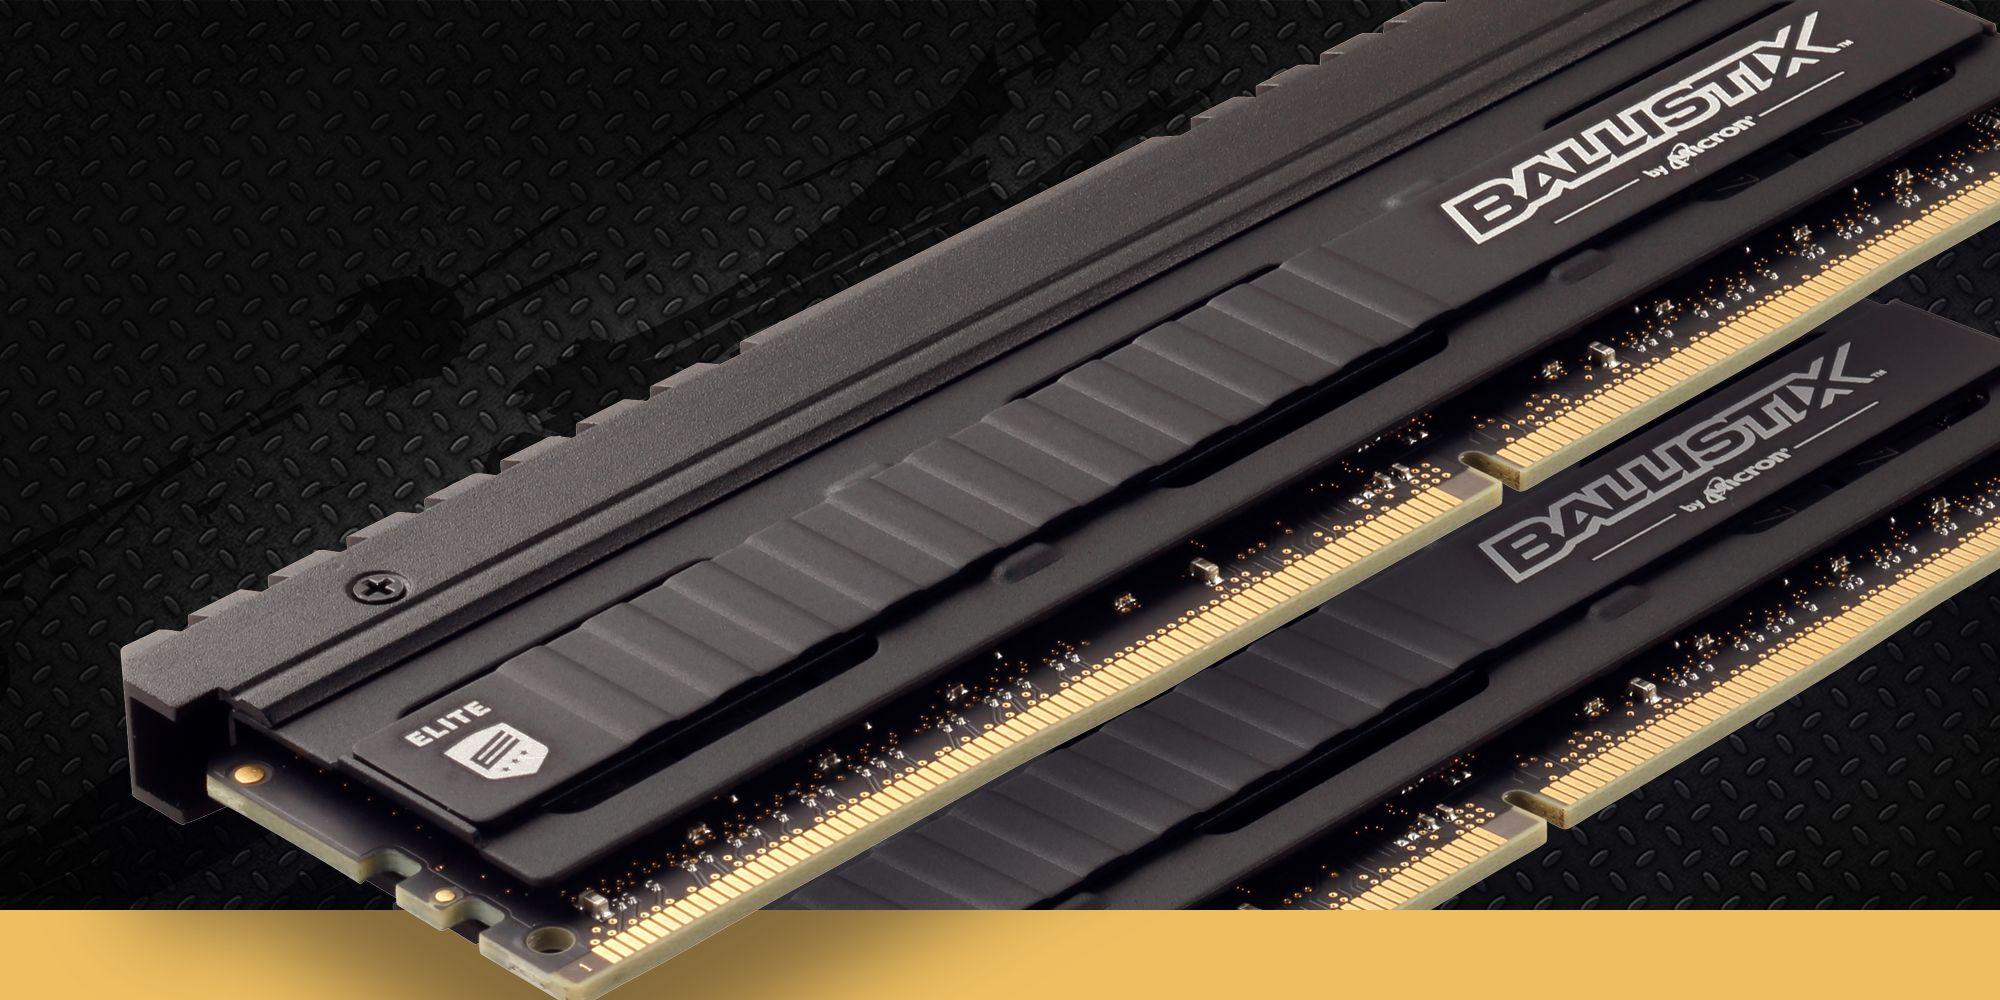 Ballistix Elite DDR4 podkręcone do prędkości 5758.5 MHz 1